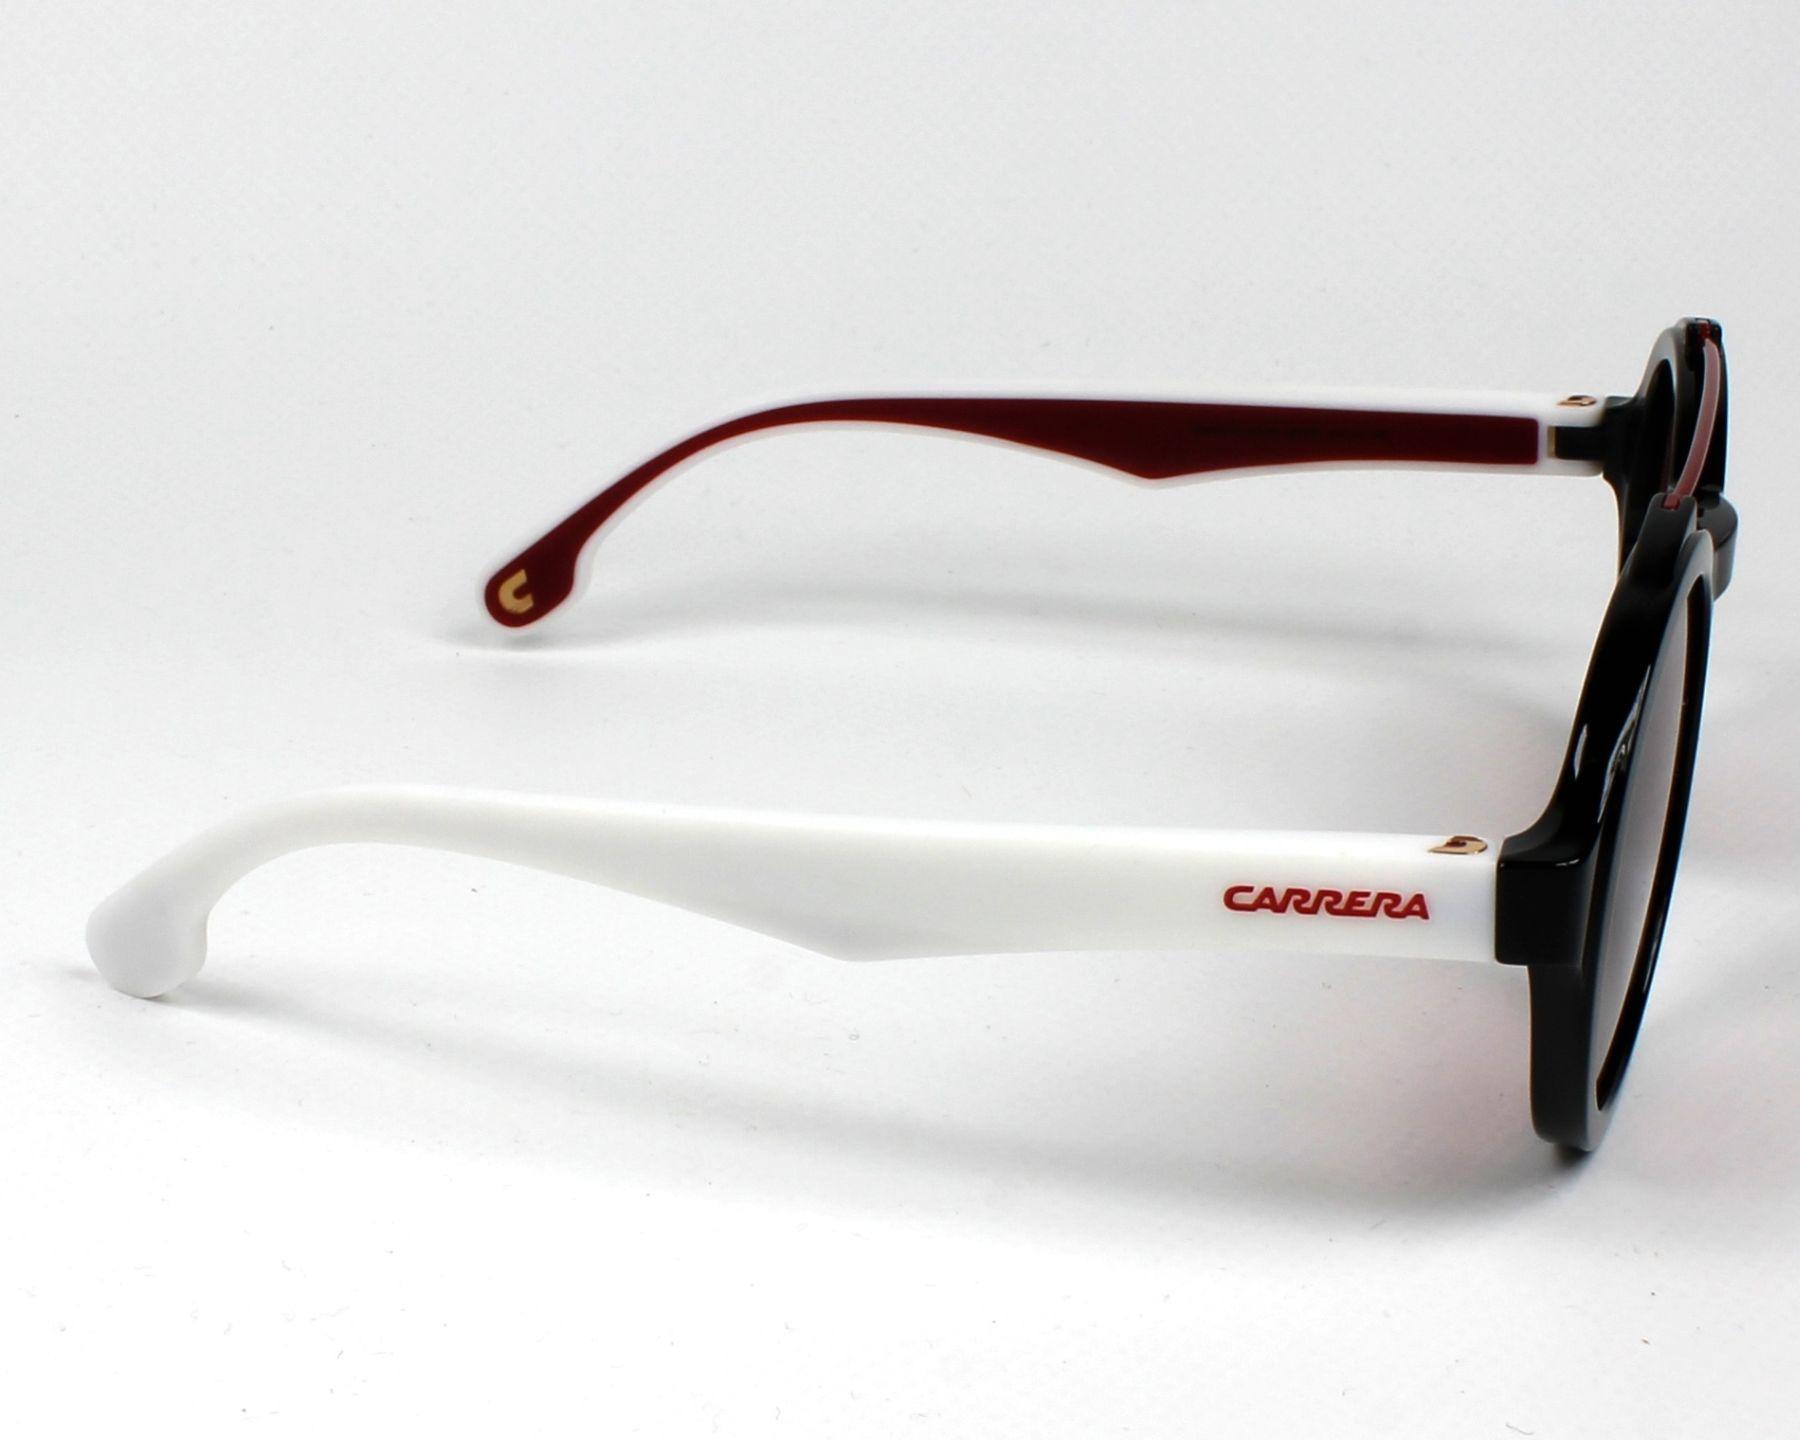 Carrera 1002/s 80s/4s 51 Mm/24 Mm xLeYG7Z